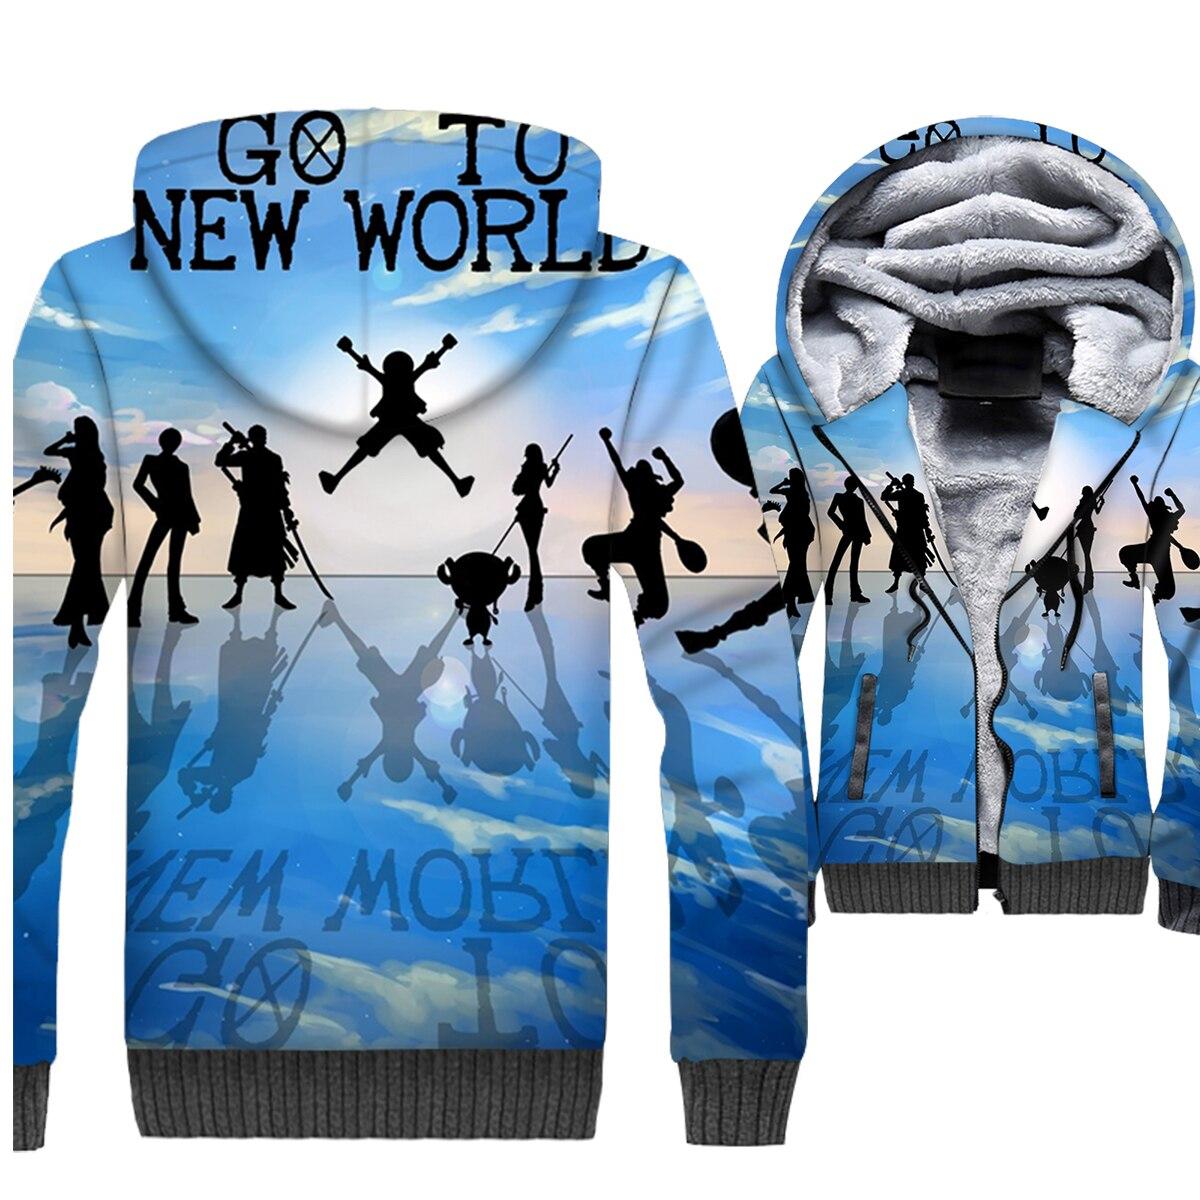 Japan Anime One Piece Hoodies Men 3D Sweatshirts Coat Winter Thick Fleece Trafalgar Law Jackets Luffy The Pirate King Streetwear